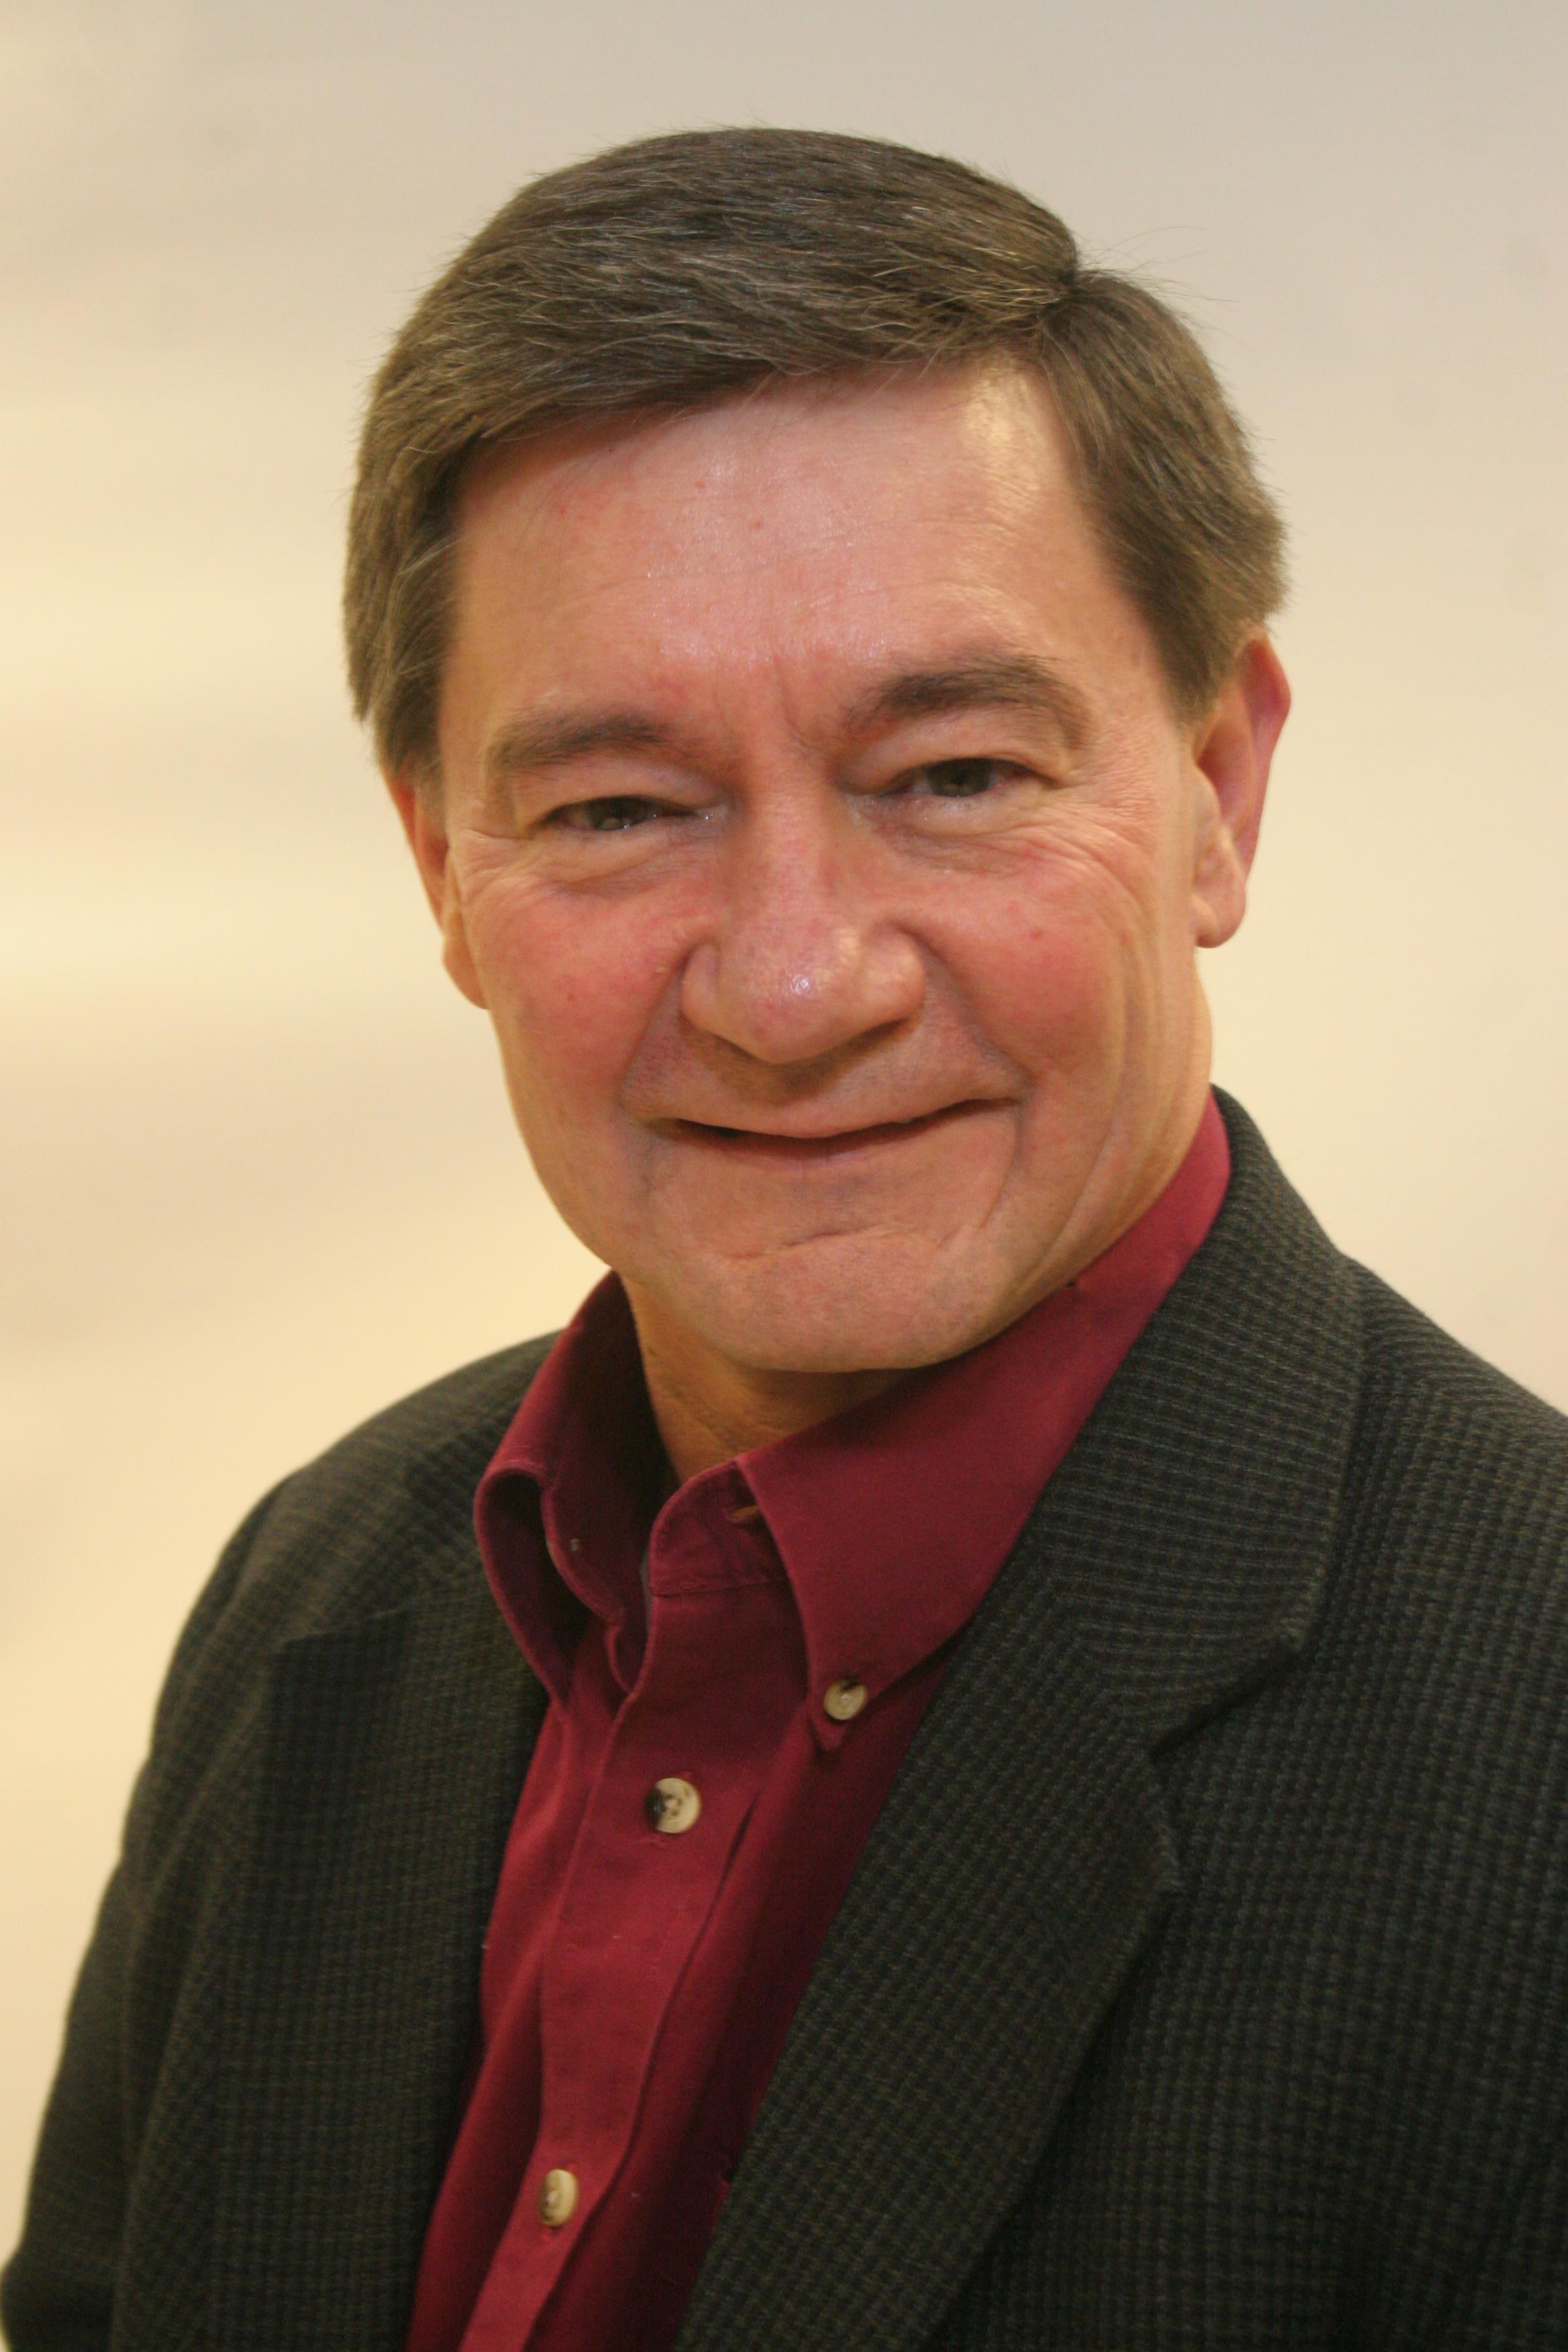 Bob McCarty